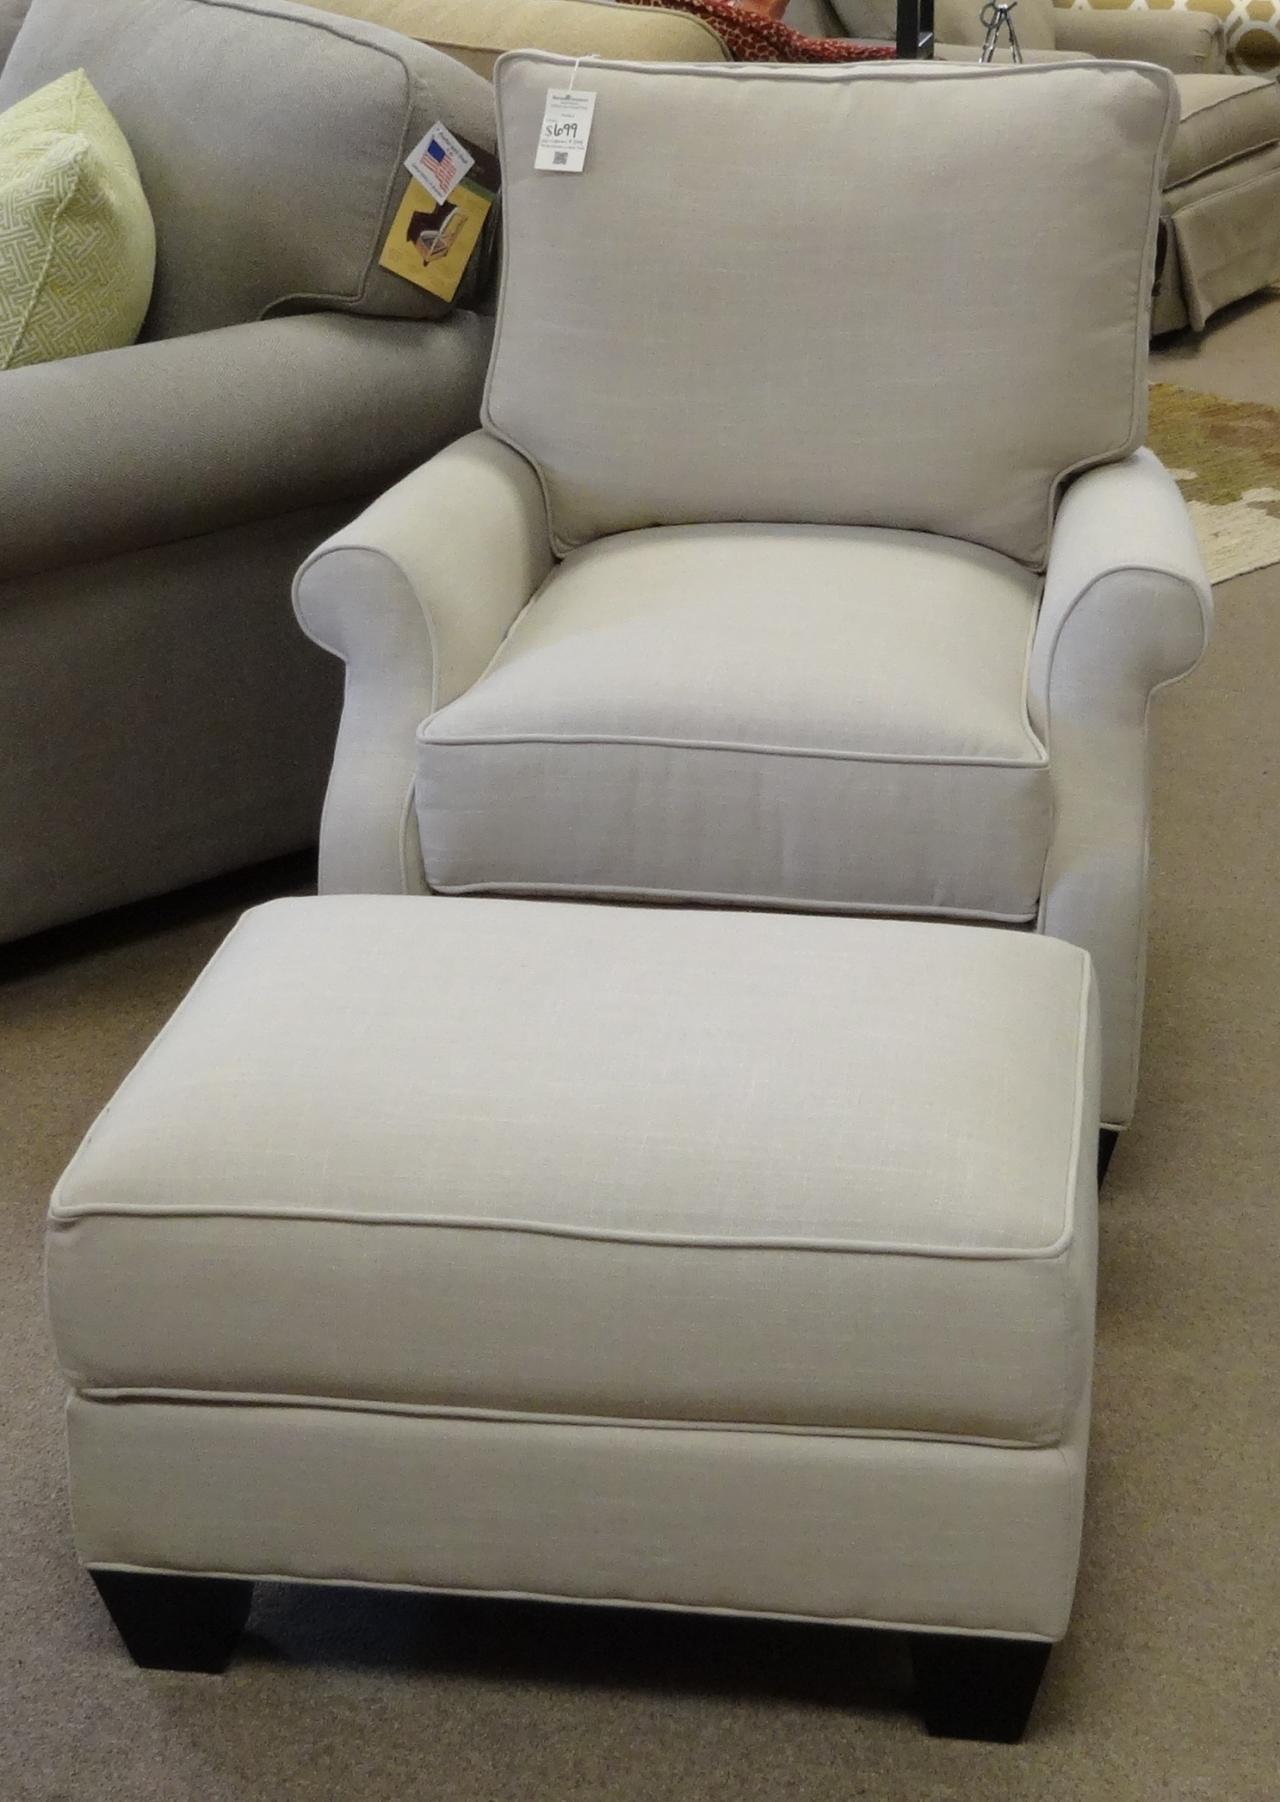 Barnett Furniture  King Hickory Penelope Chair